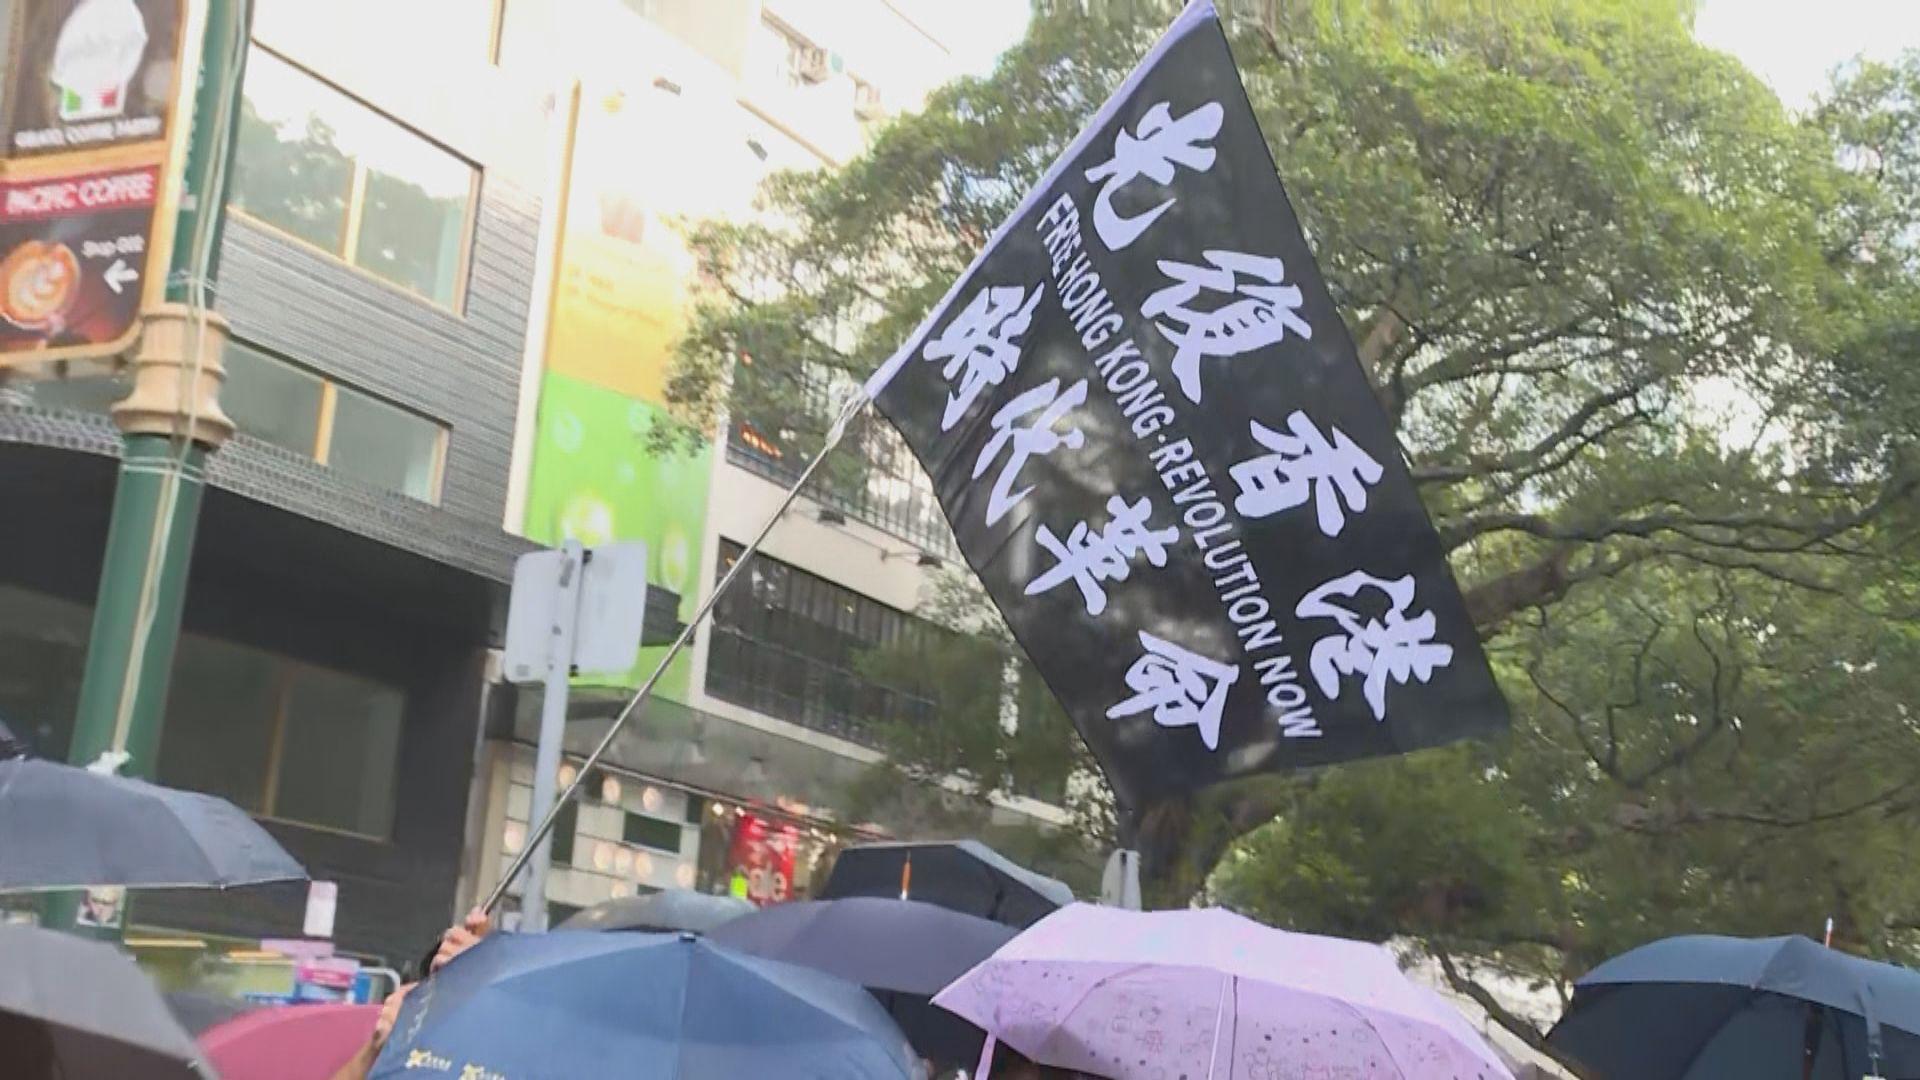 【即日焦點】張秀賢回覆選舉主任指「光復香港」意思非推翻政權;加泰獨派領袖重判入獄示威者圖癱瘓機場及鐵路